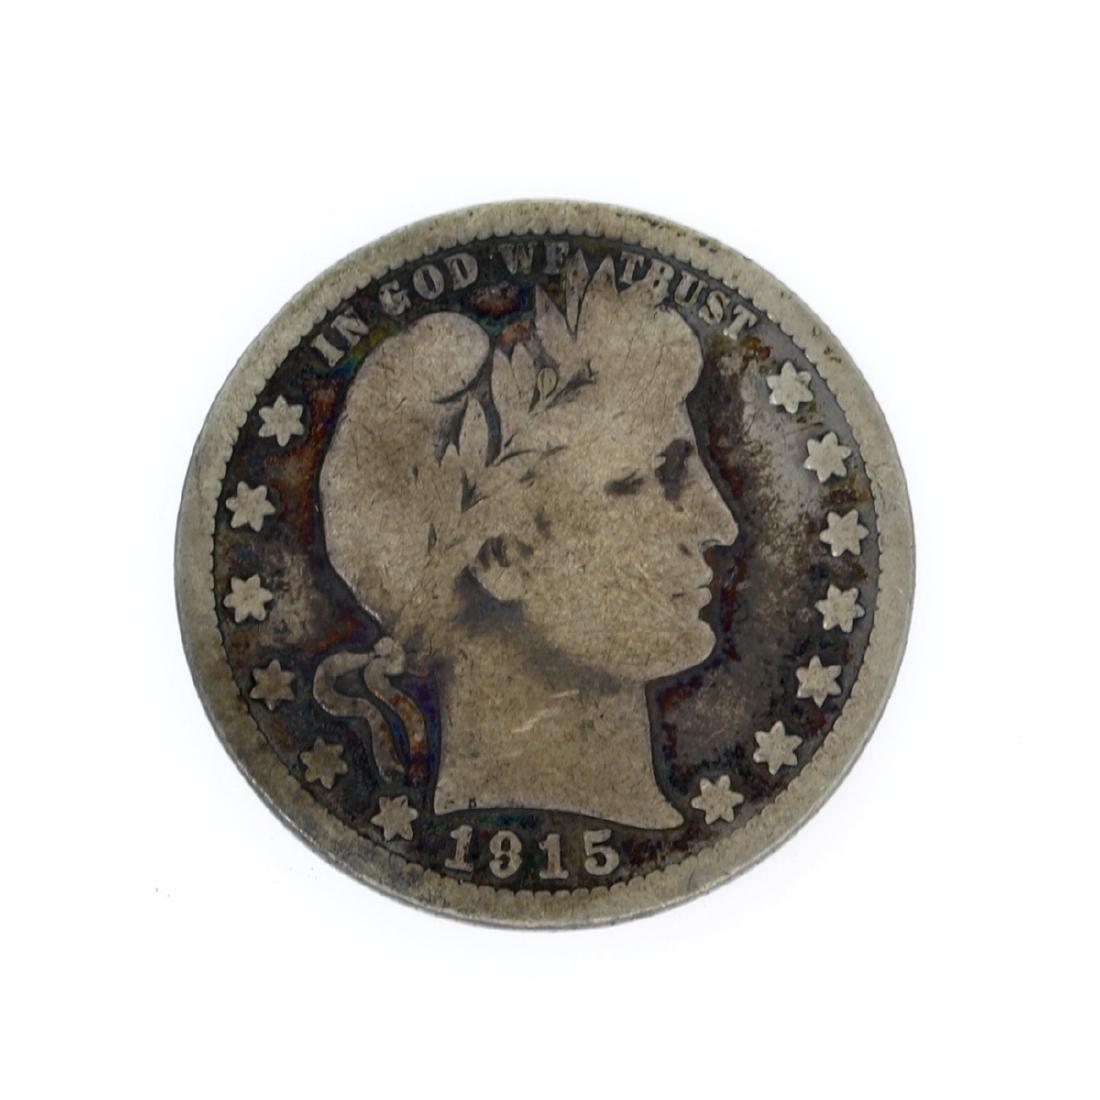 Rare 1915 Barber Quarter Dollar Coin